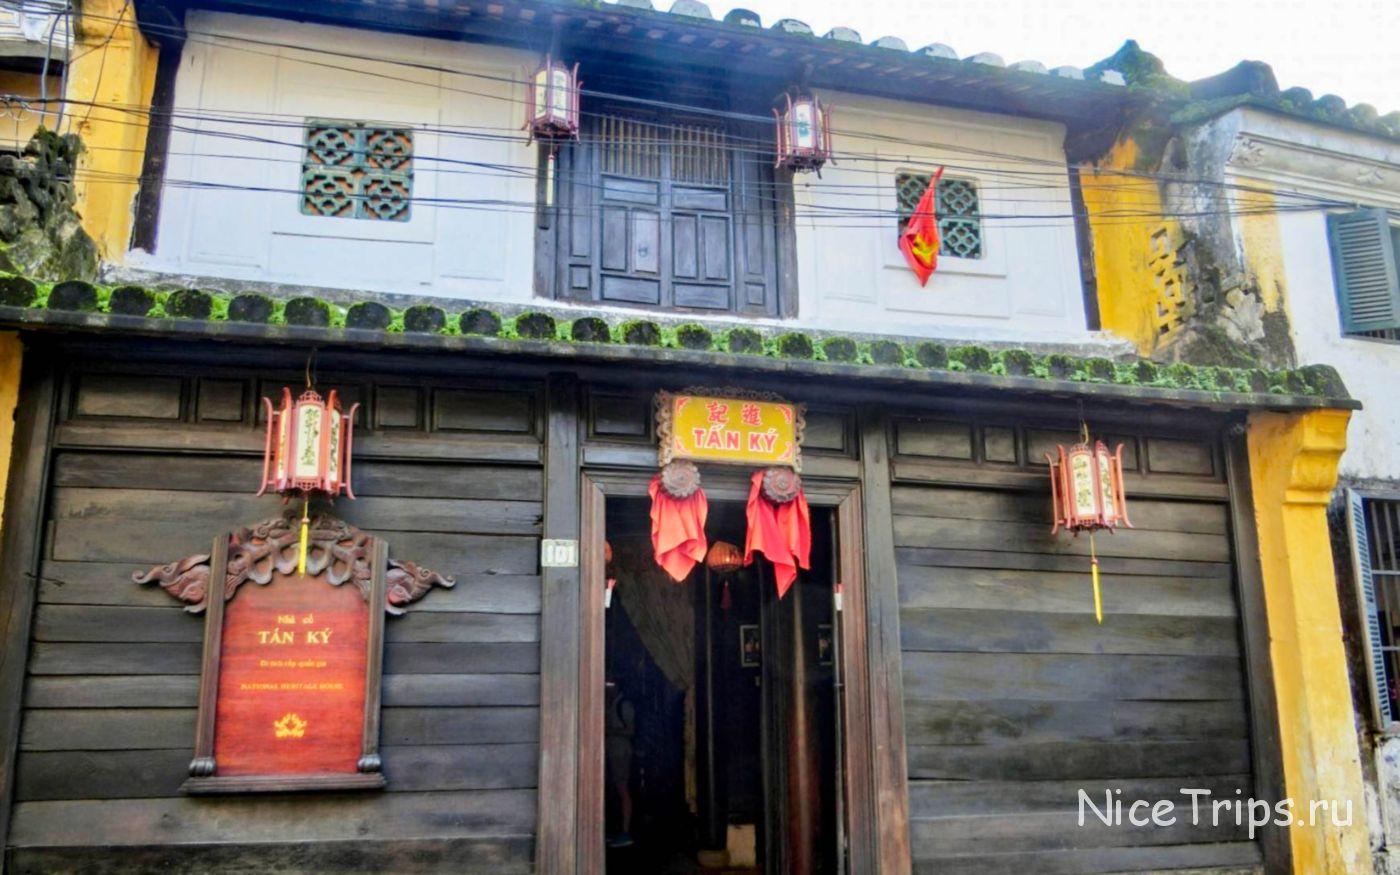 Дом Tan Ky